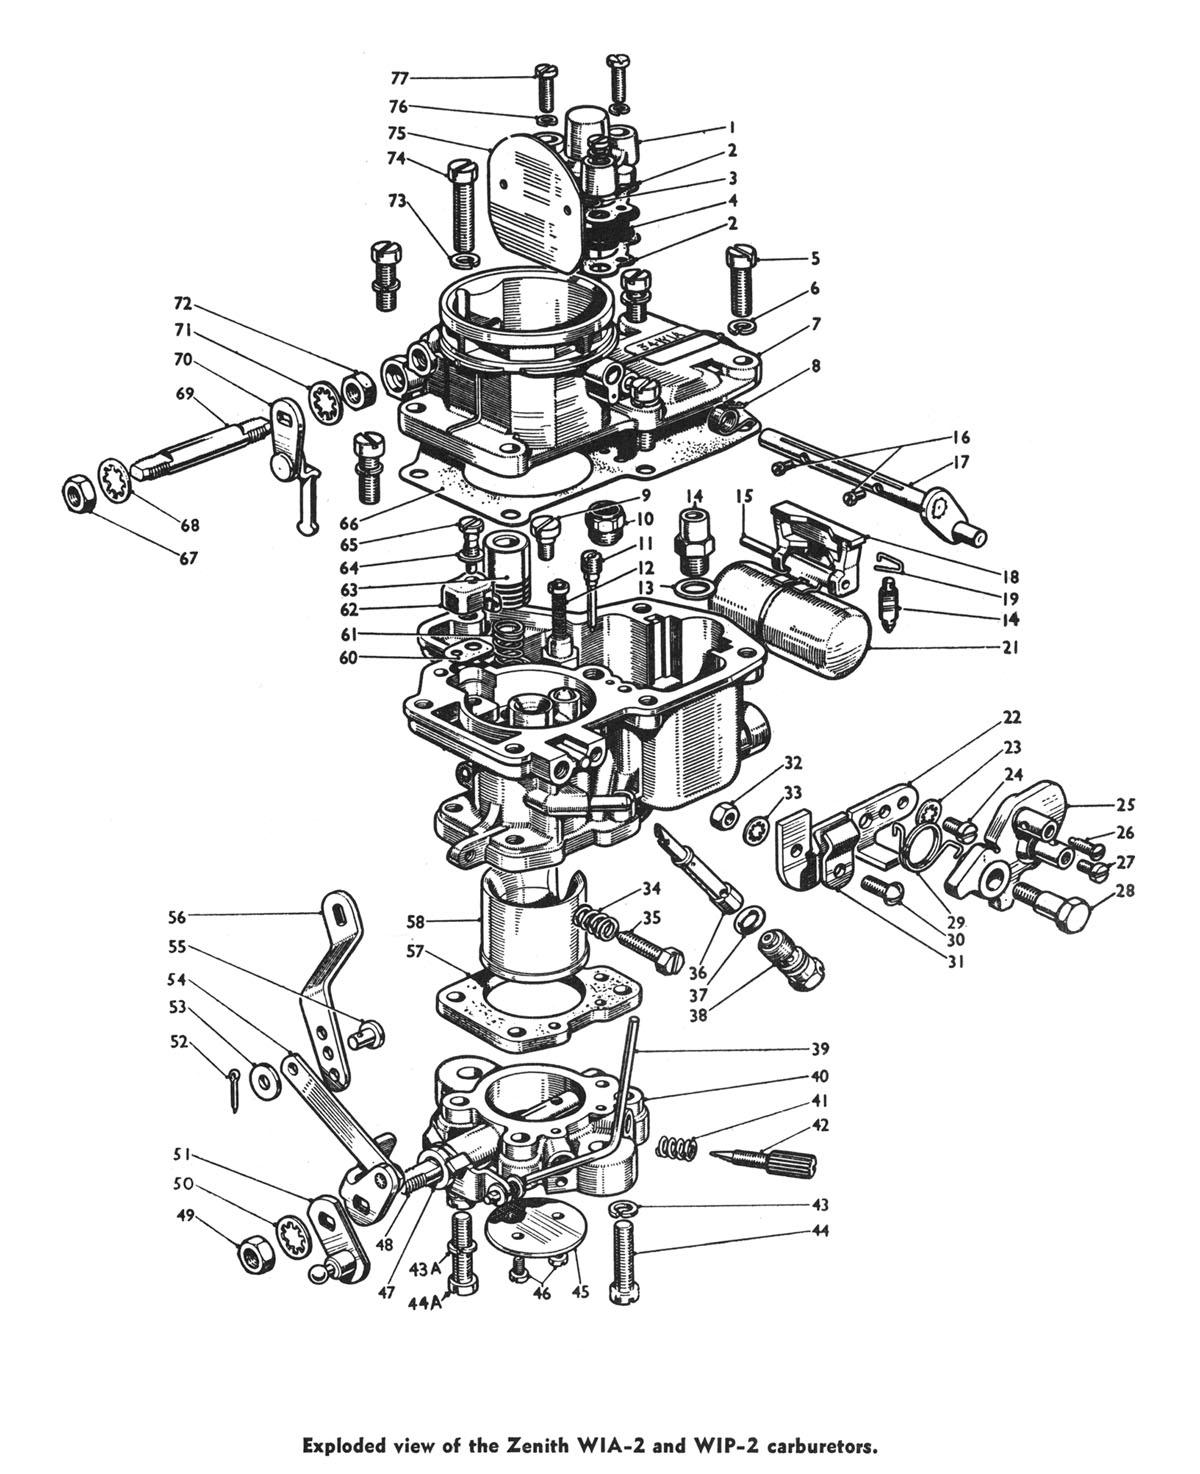 ajuste de motor  despiece carburador zenith wia-2